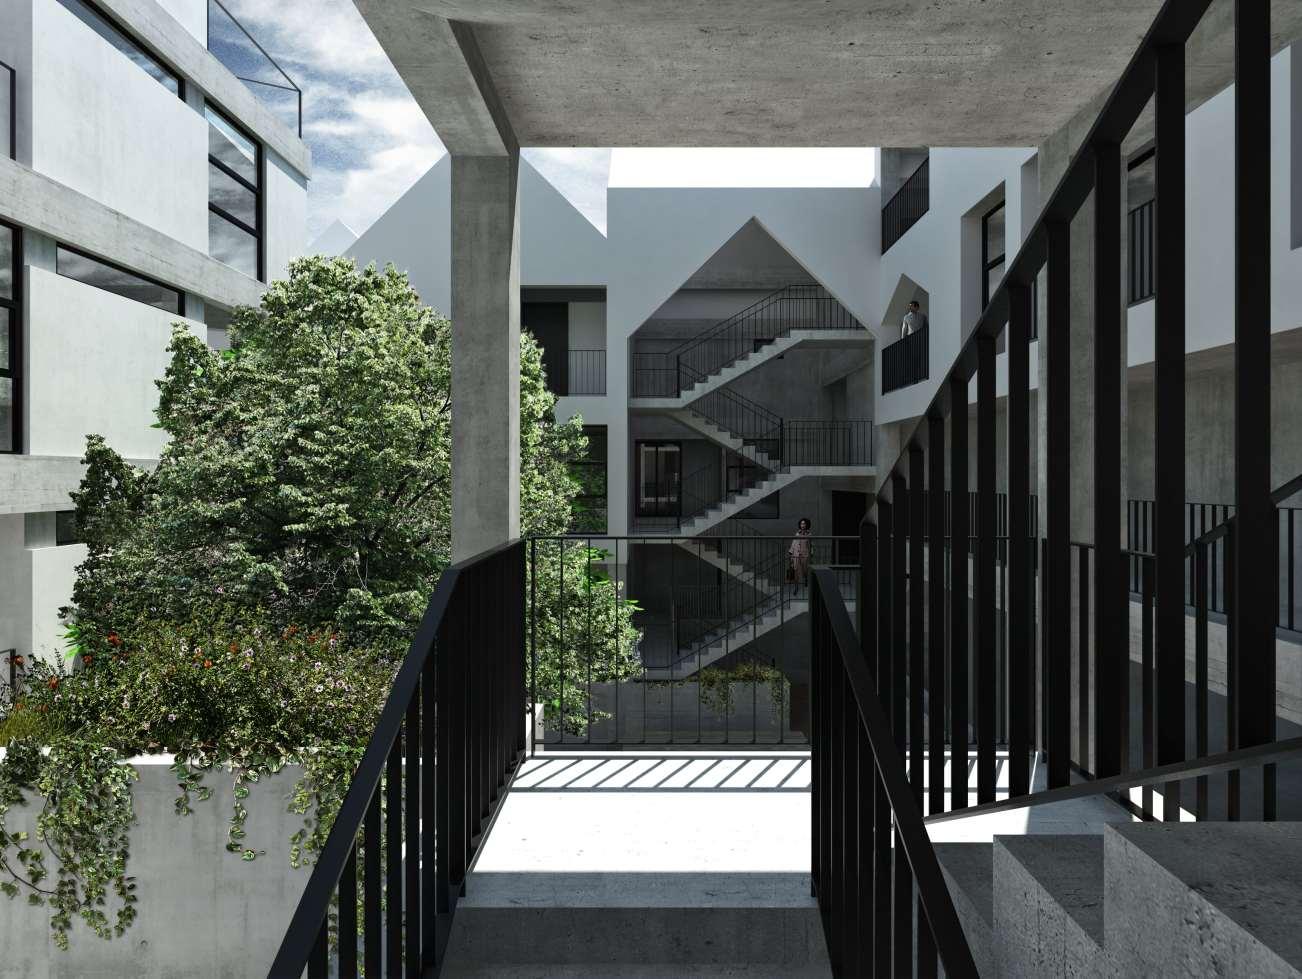 T38 architecture studio